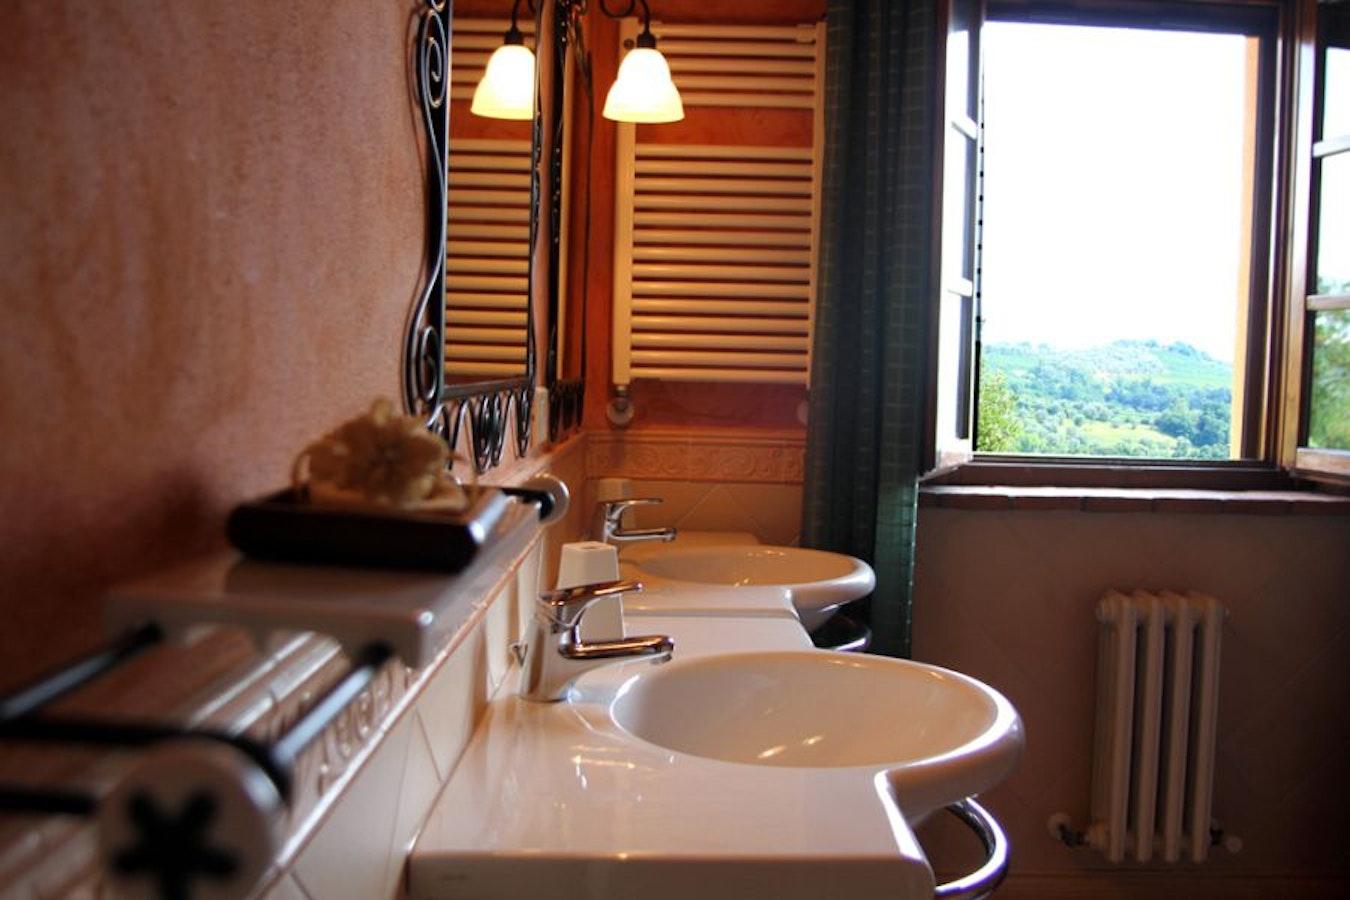 Podere villa bassa montespertoli case vacanza per un soggiorno nel chianti - Bagno la pace tirrenia ...